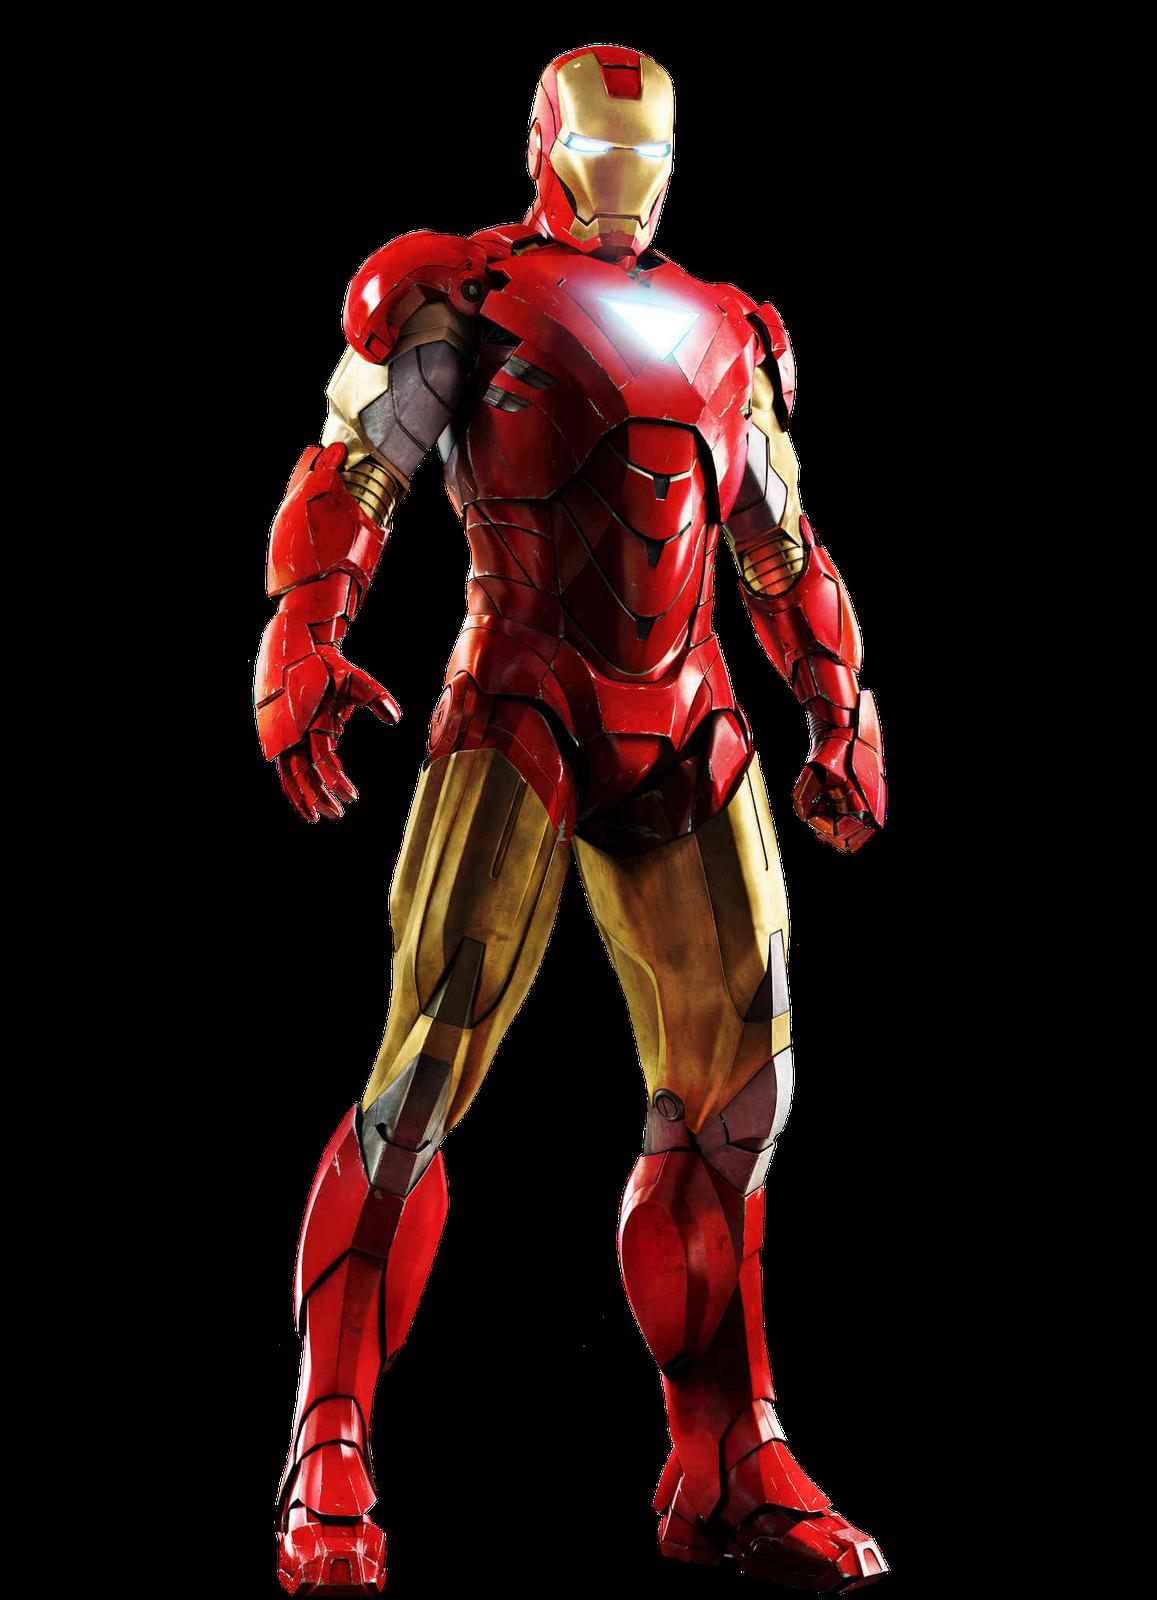 Image - Iron Man Render.png - DisneyWiki